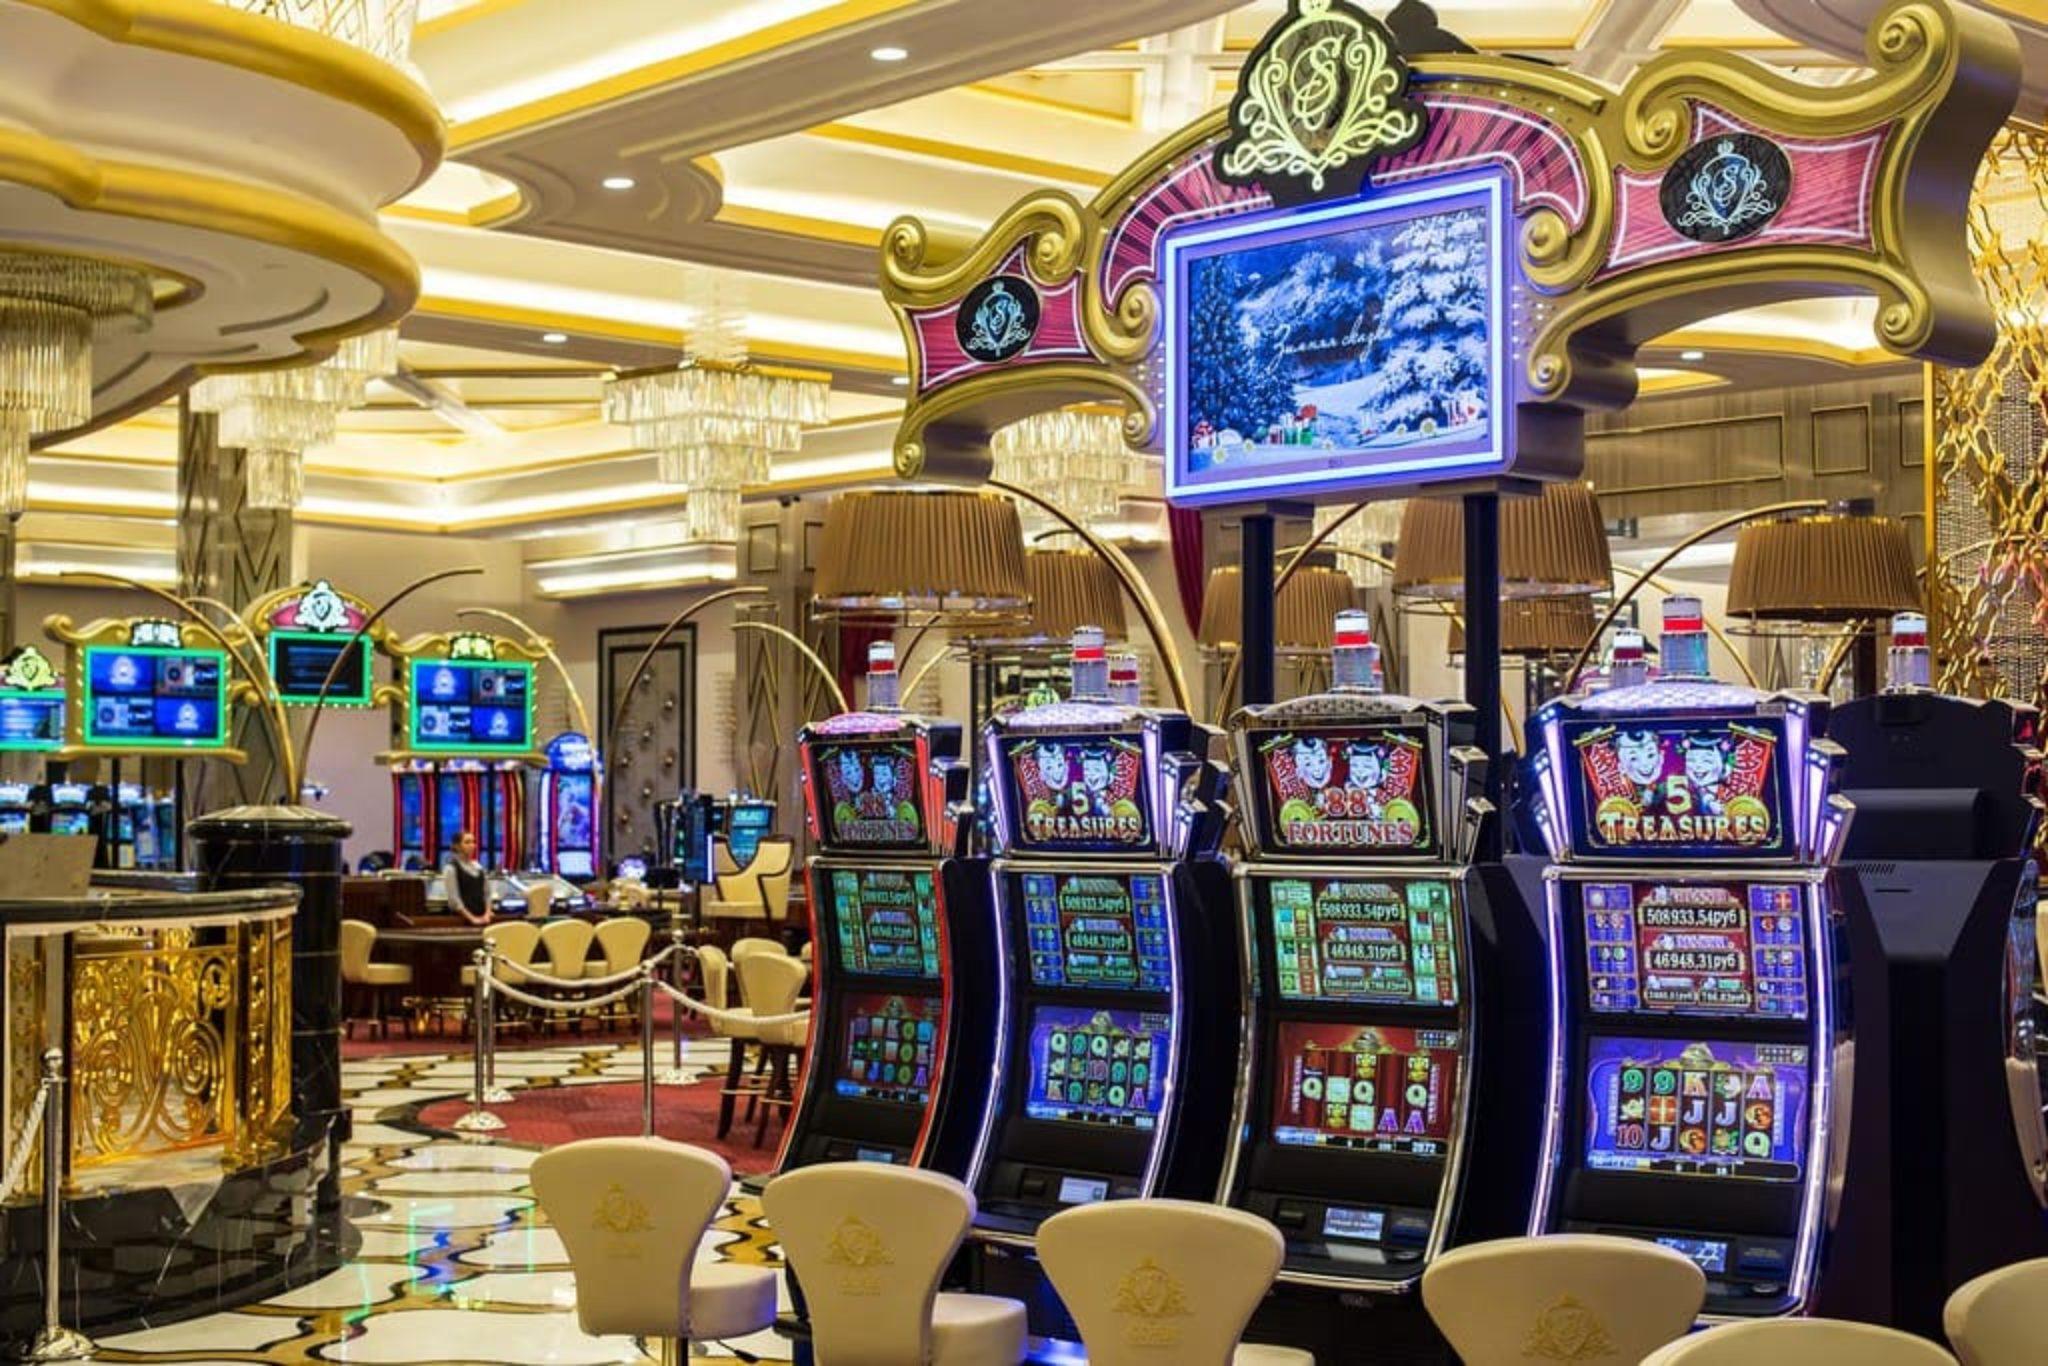 Как работает казино в красной поляне ходы в казино самп